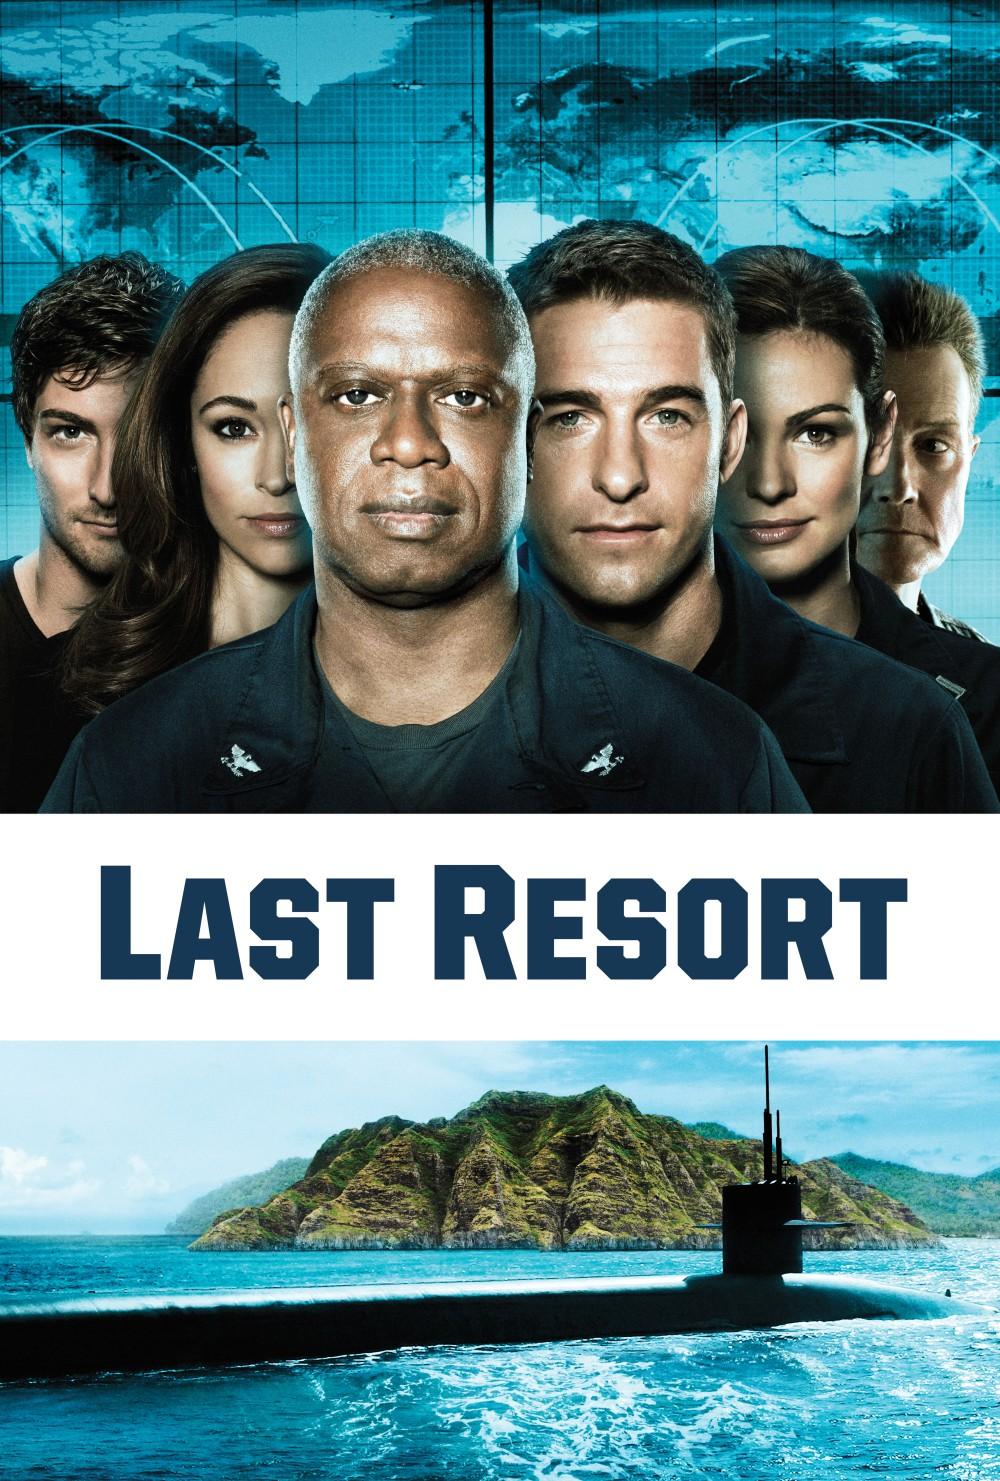 Last Resort : Après avoir refusé d'obéir à un ordre de tir de missiles nucléaires, l'équipage d'un sous-marin américain fuit jusqu'à un point reculé de la planète. Apatrides et traqués, les marins décident de fonder eux-mêmes leur patrie ! Le plus petit pays du monde à avoir l'arme nucléaire... ----- ... Acteurs : Andre Braugher, Scott Speedman, Robert Patrick Genre : Drame Statut : Annulé - Le 16 novembre 2012, ABC a annulé la série, mais les 13 épisodes produits seront tous diffusés Note spectateurs :  3,7/5 (294) Date de diffusion : Juillet 2013